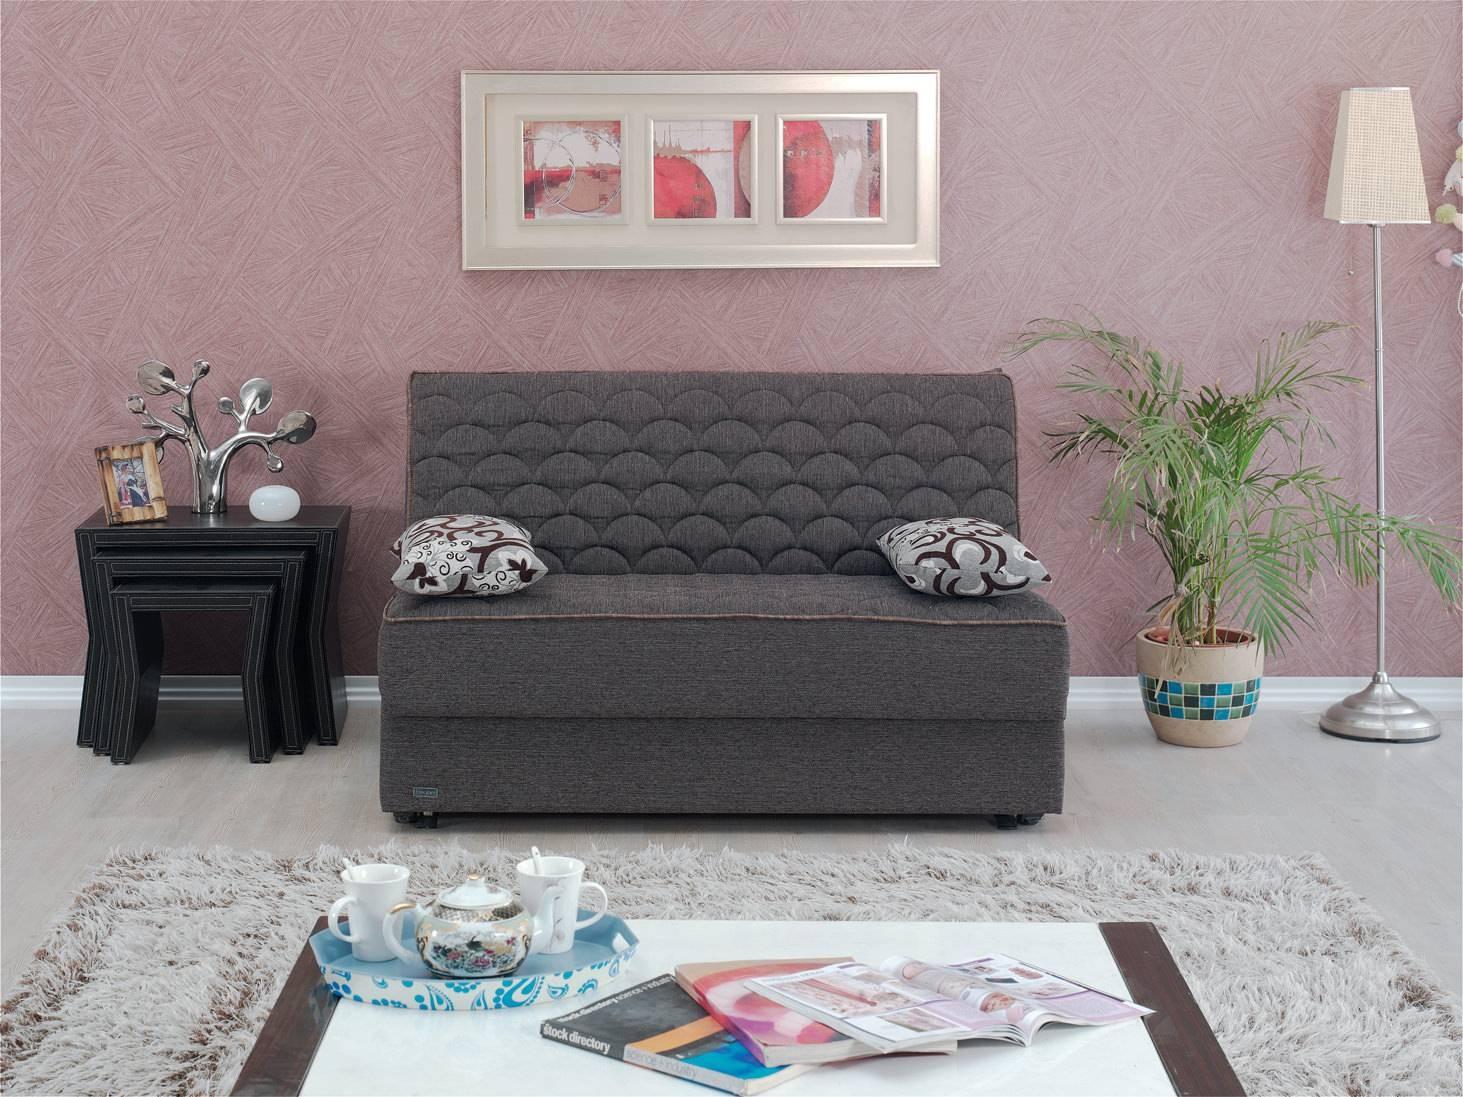 San Diego Sofa Bedempire Furniture Usa throughout Sleeper Sofas San Diego (Image 15 of 25)